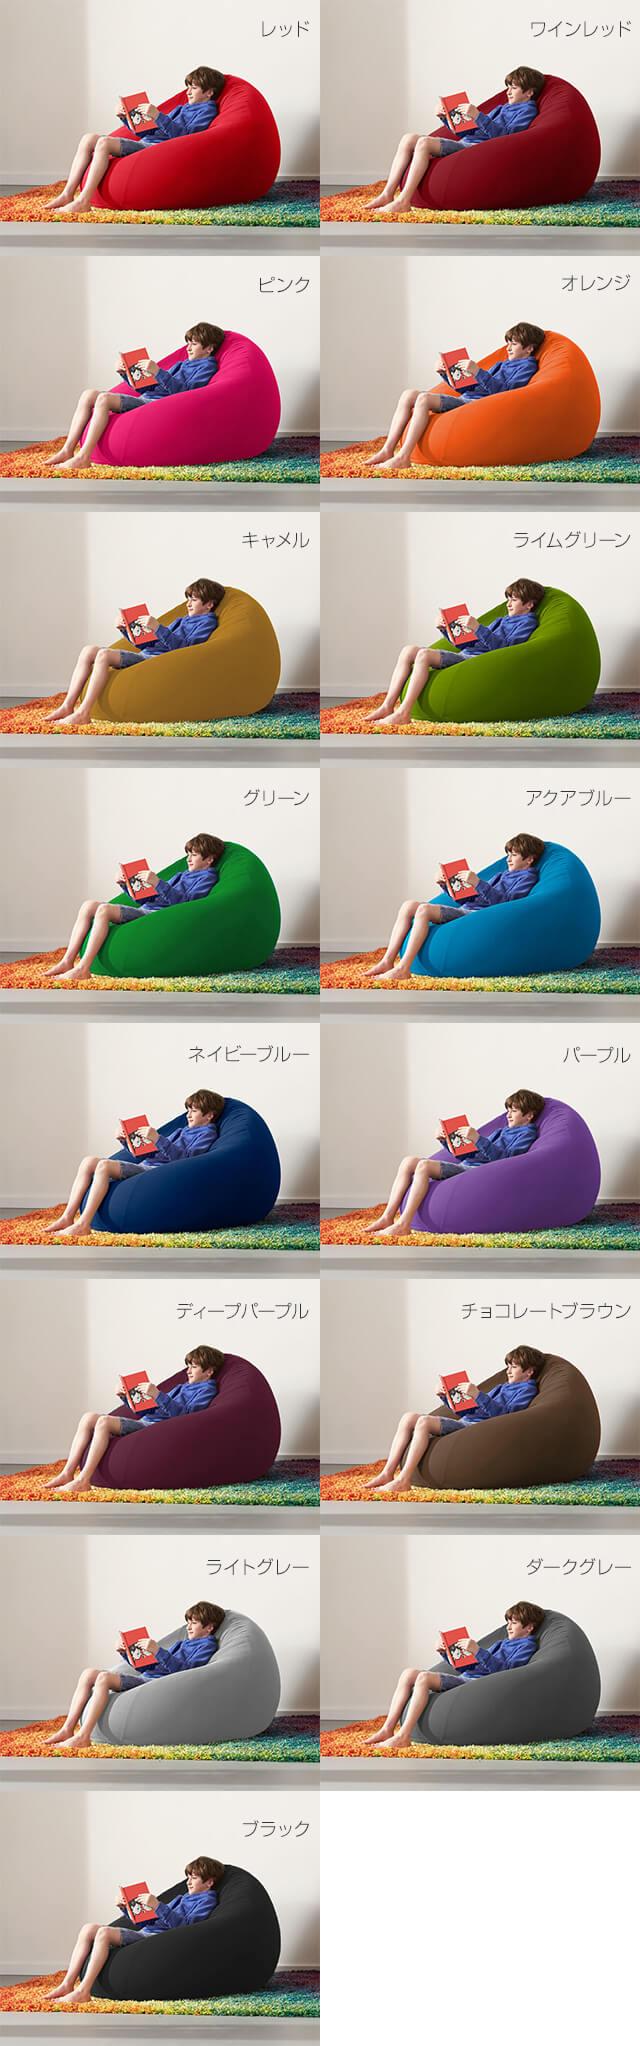 Yogibo Pod カラーバリエーション 画像あり ヨギボー ソファーなし リビング リビング